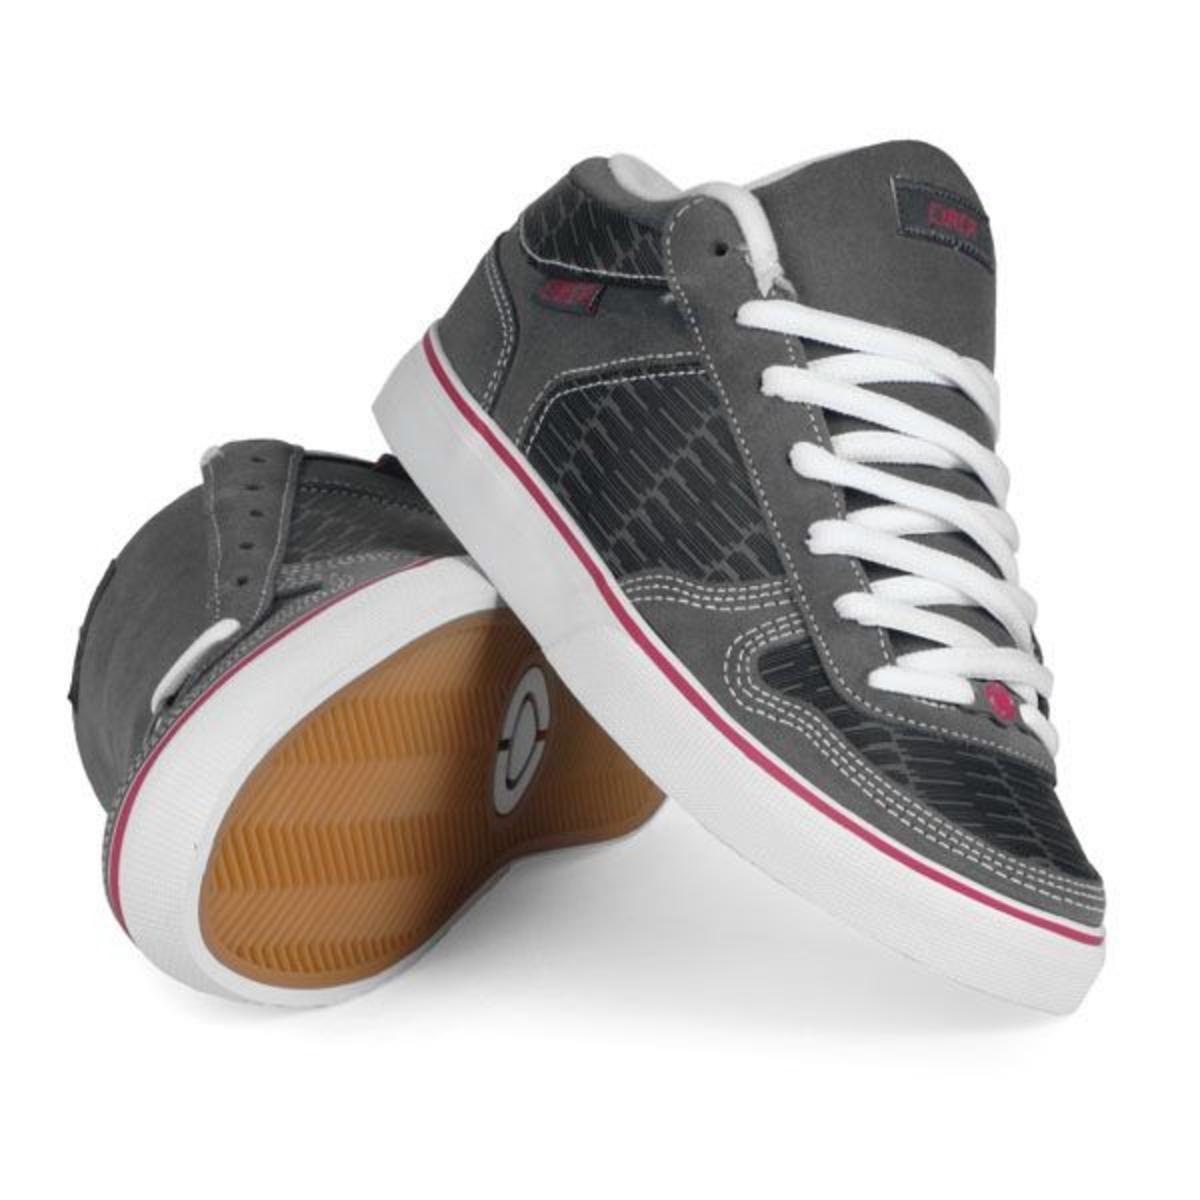 6f725e4d7e Circa 8 Track Skate Shoes Black   Gray   Hot Pink - Circa Shoes – Bild